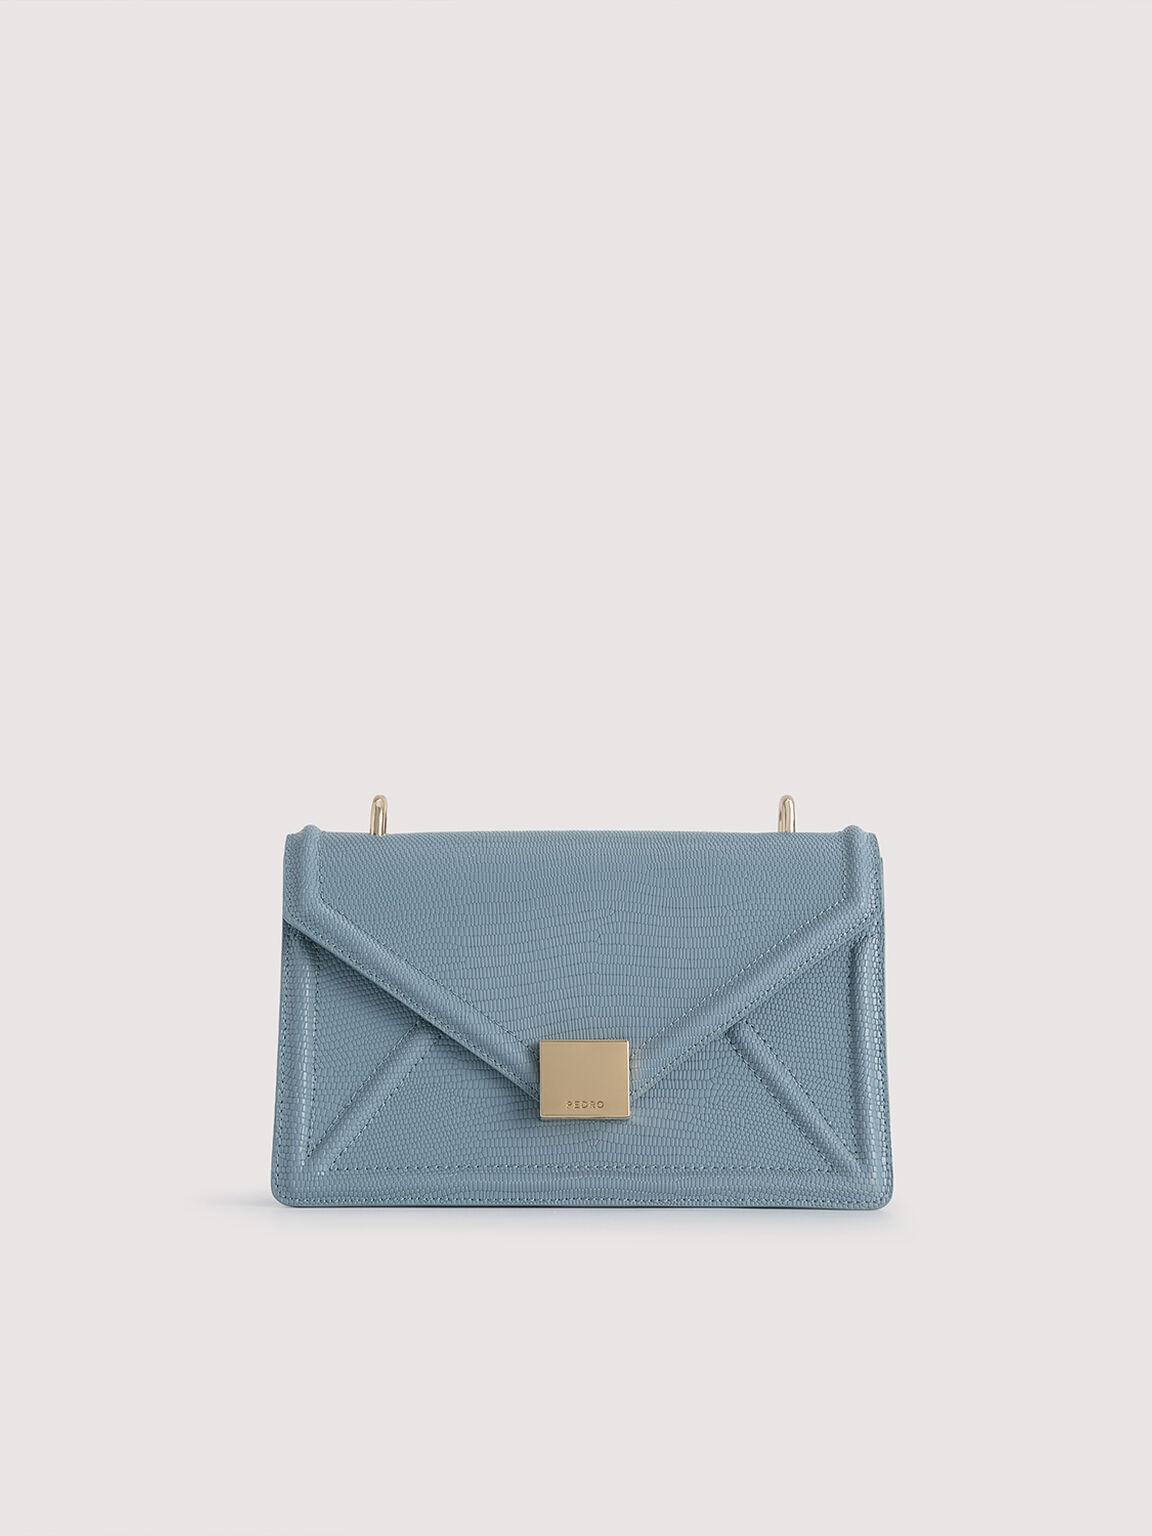 Lizard-Effect Leather Envelope Shoulder Bag, Blue, hi-res